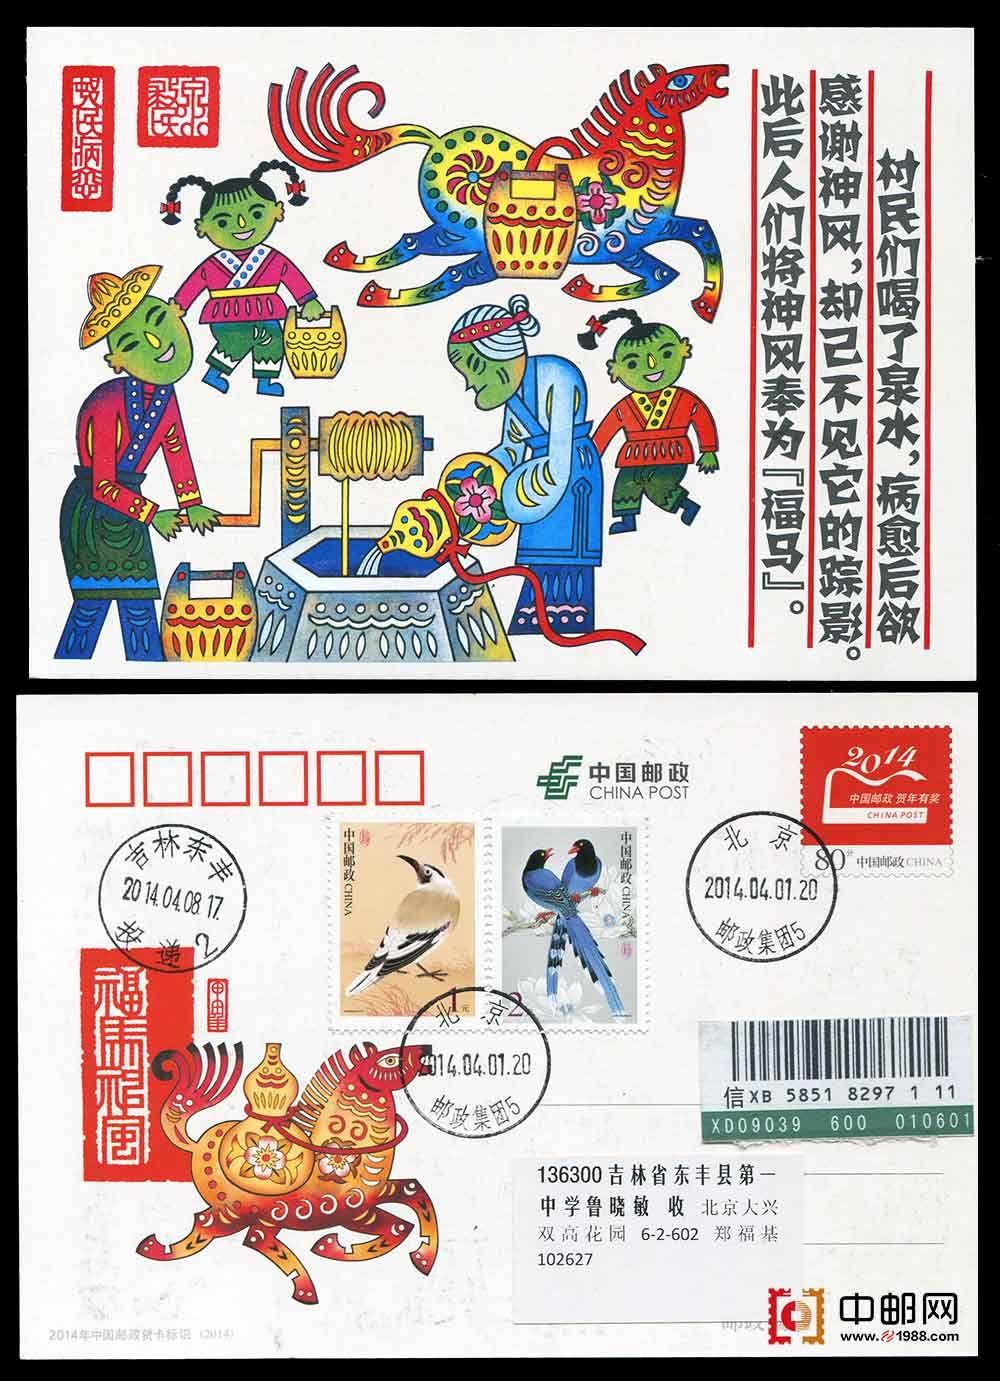 pp240 《2014年中国邮政贺卡标识》普通邮资明信片(贺年兑奖)首日原地